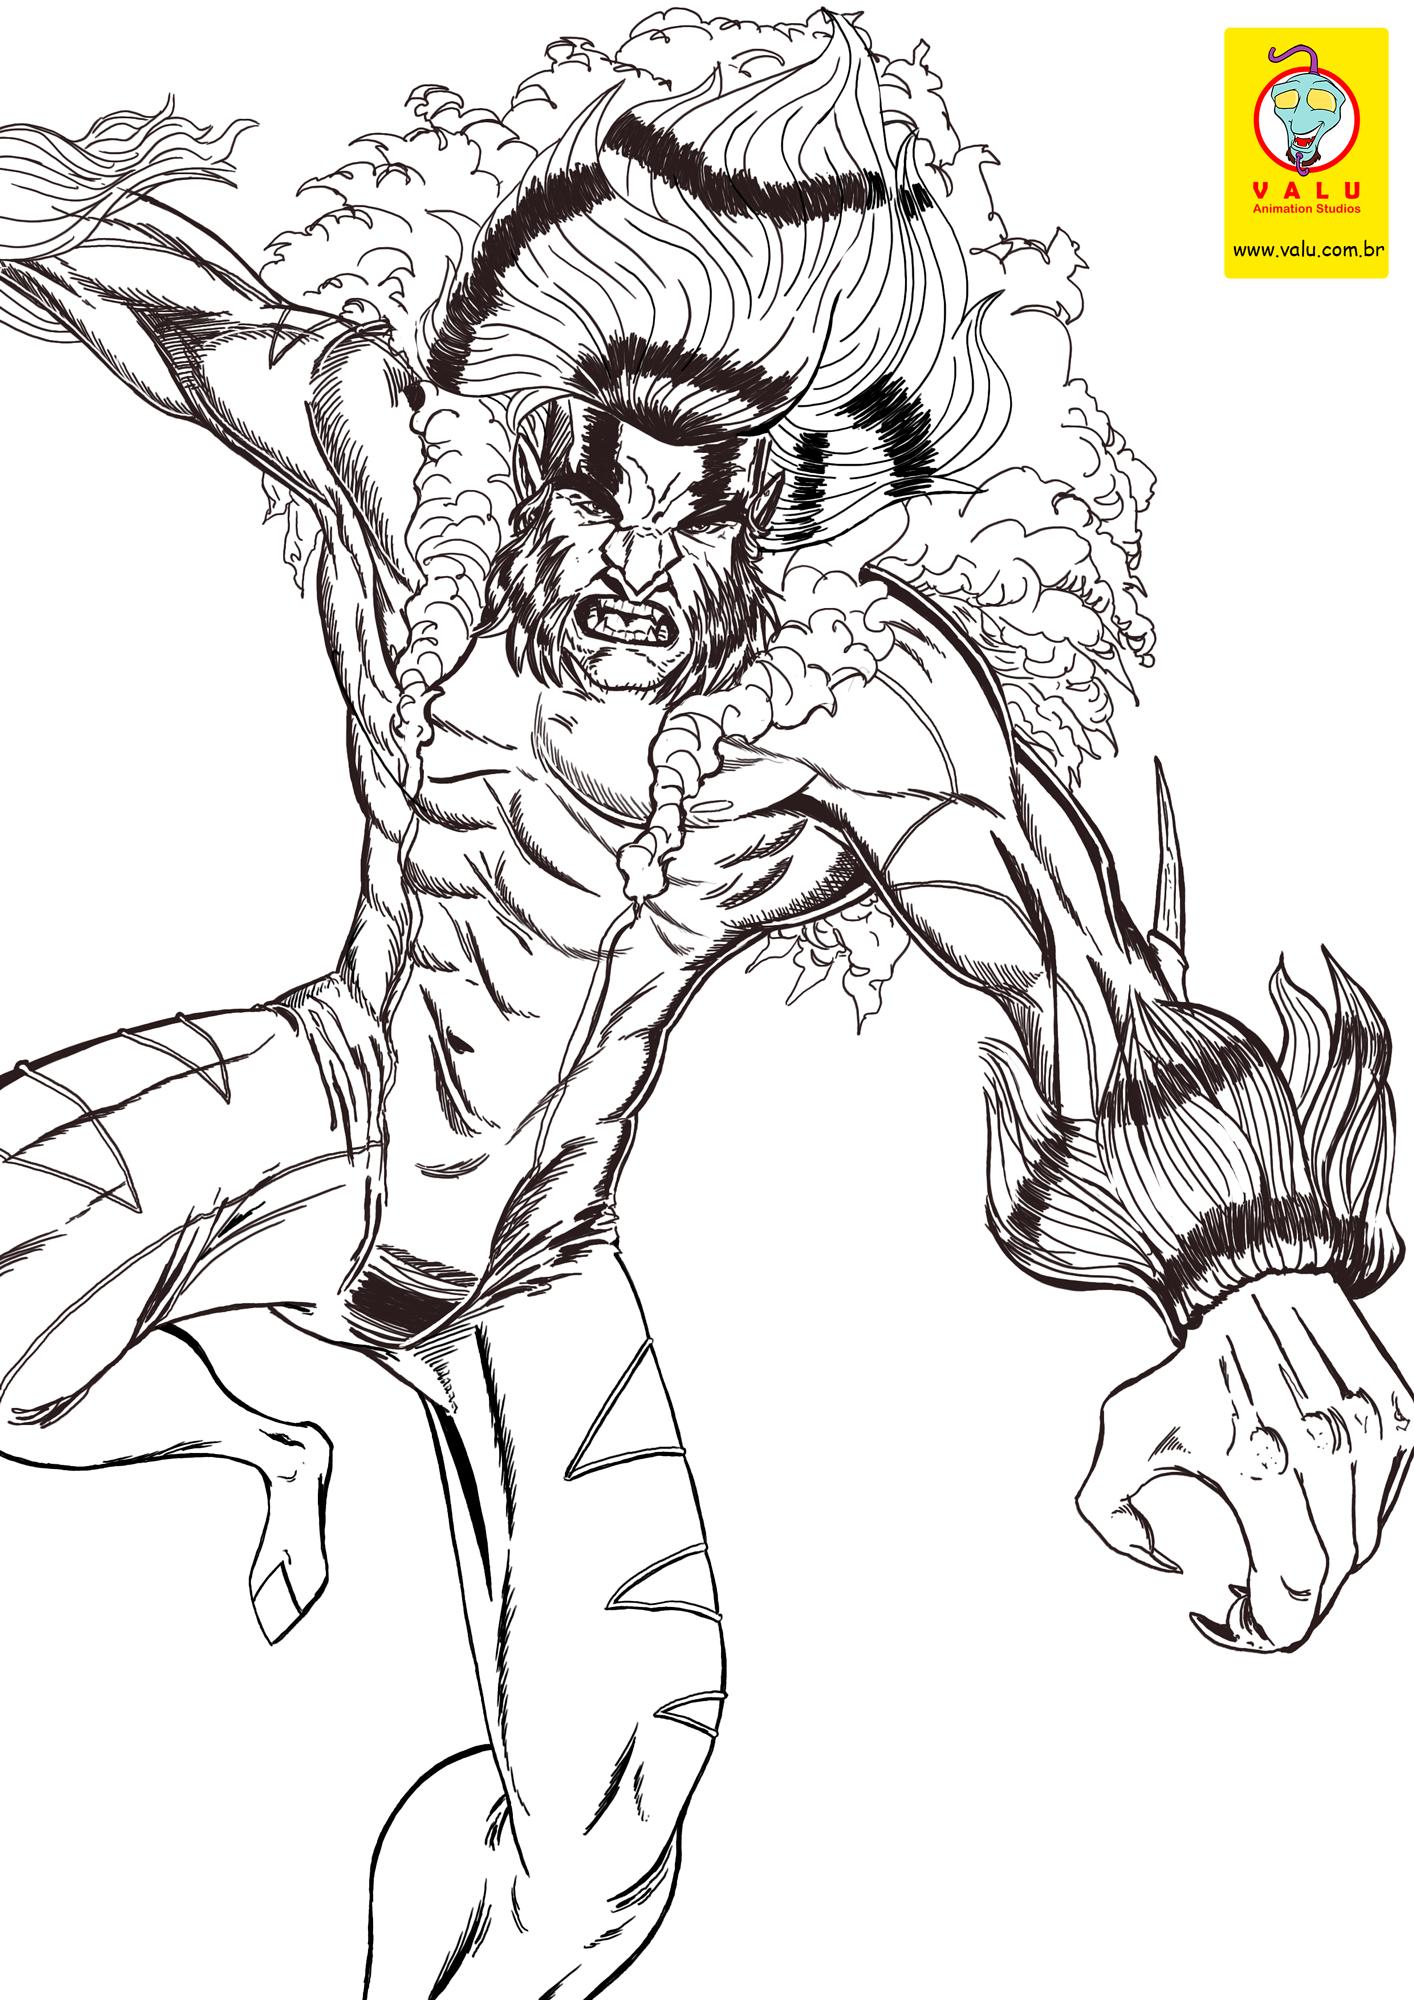 sabretooth marvel WIP